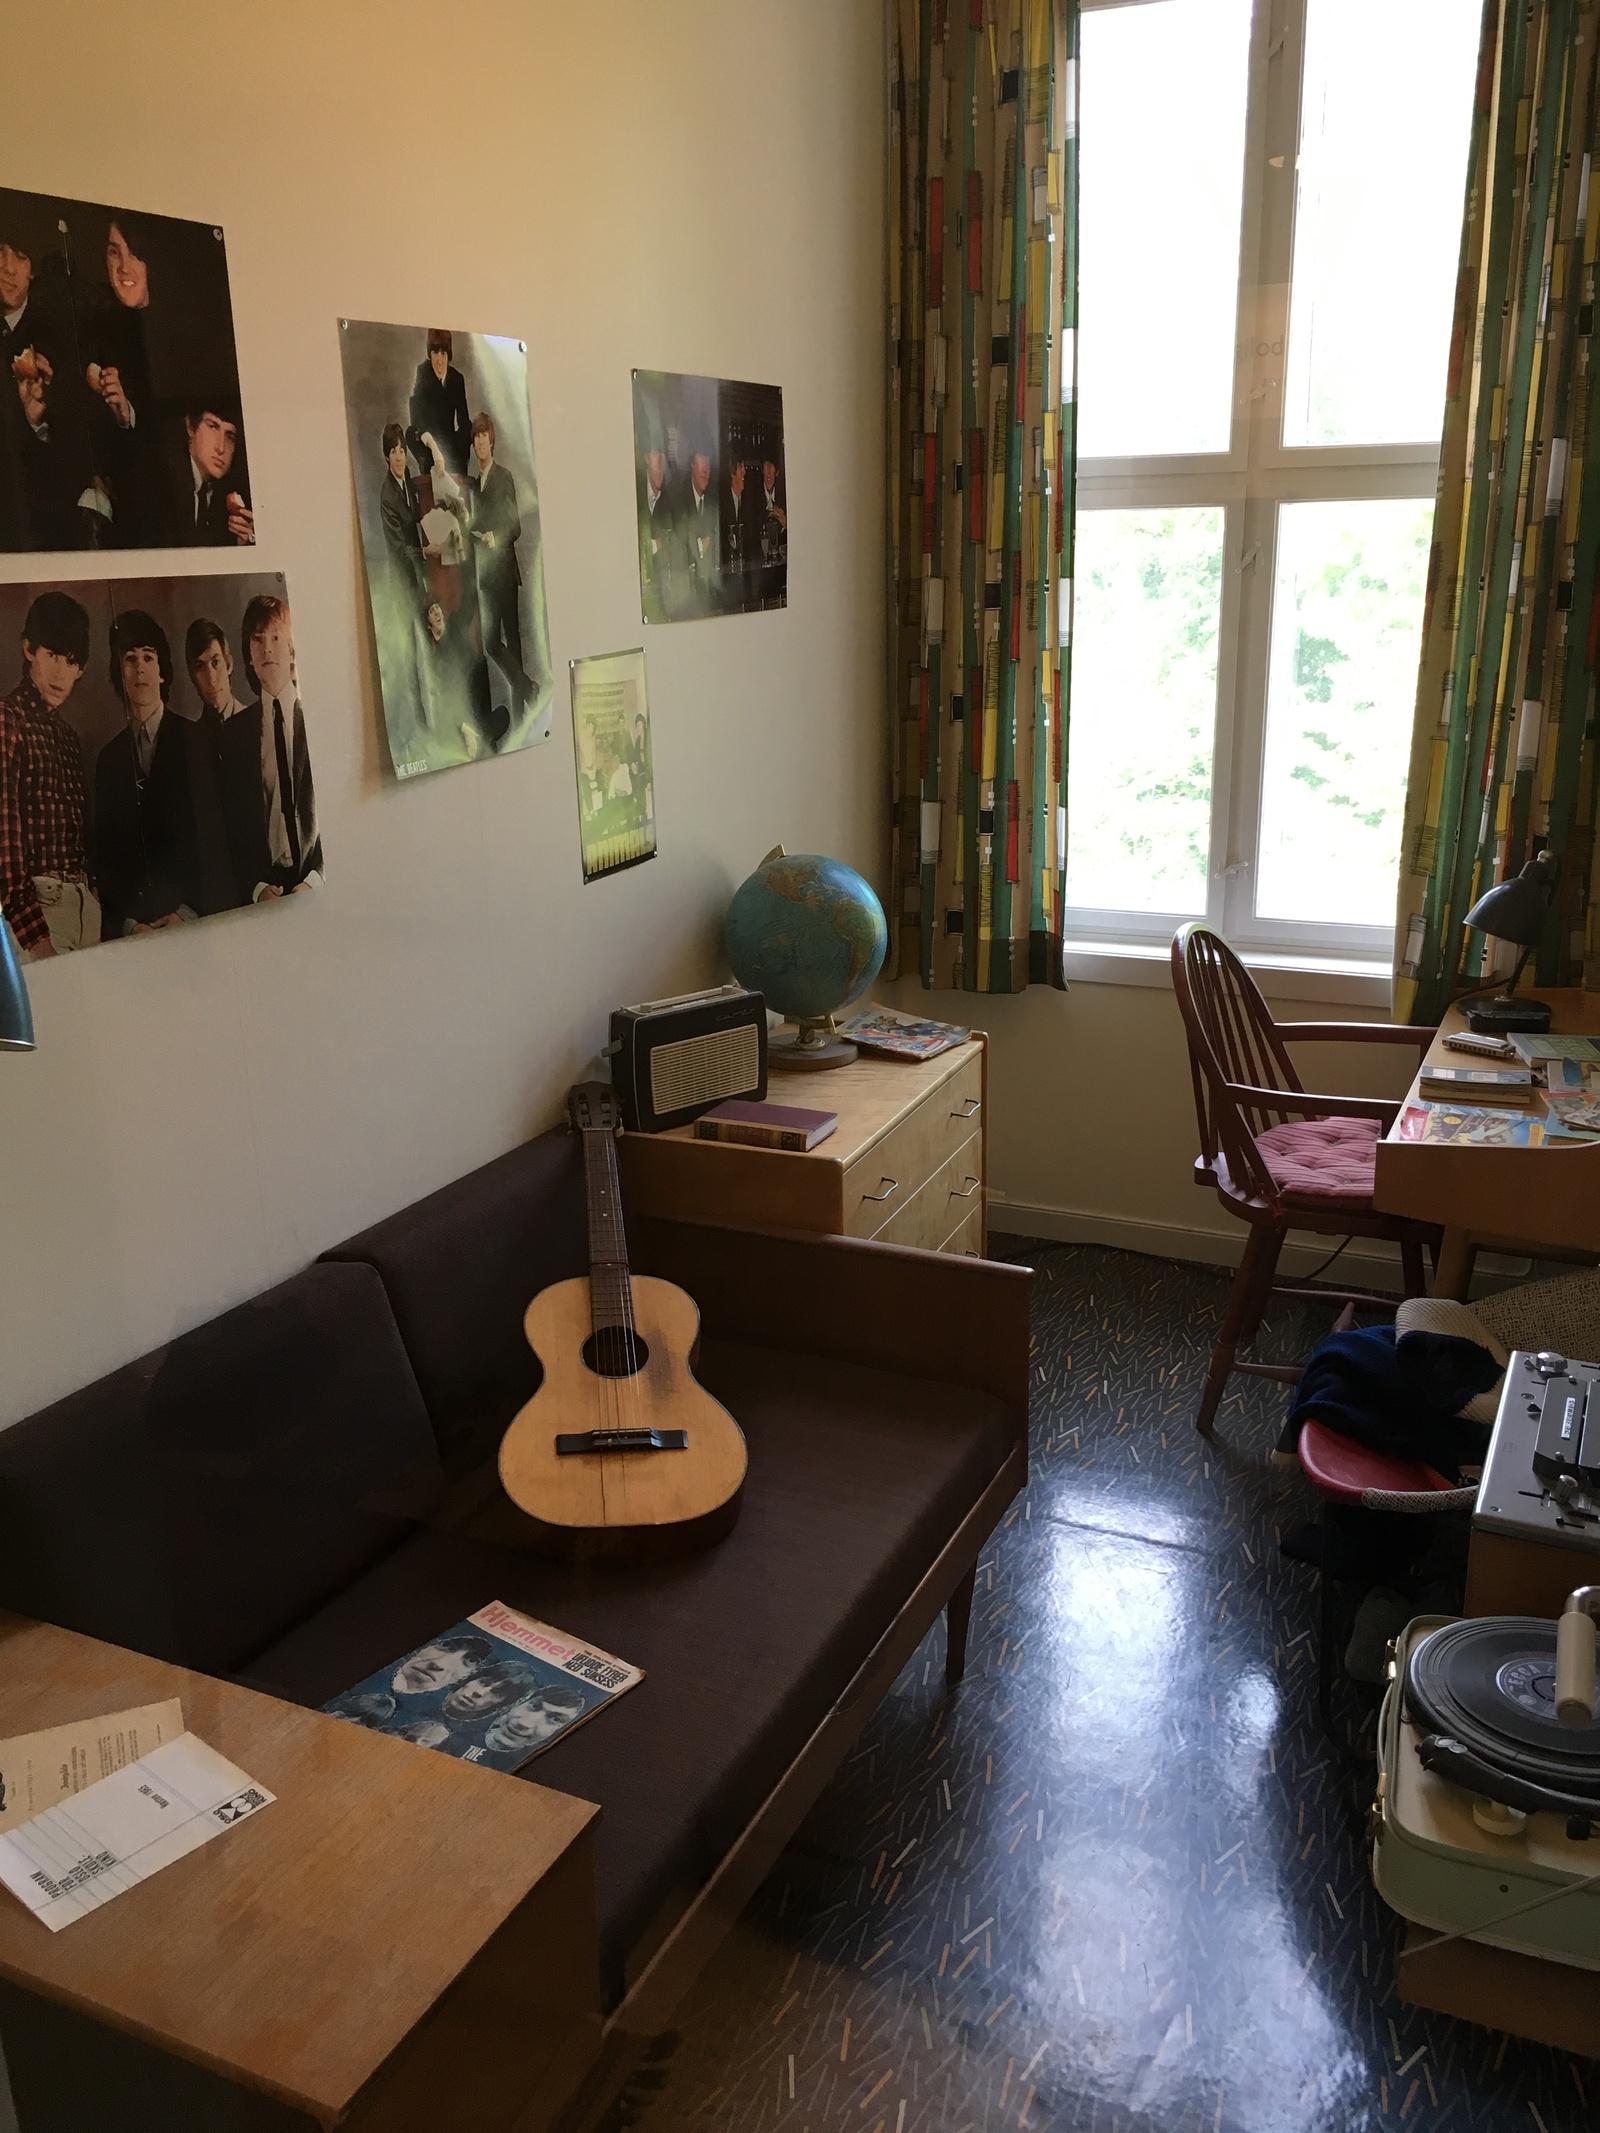 Квартира в норвегии цена квартир в берлине